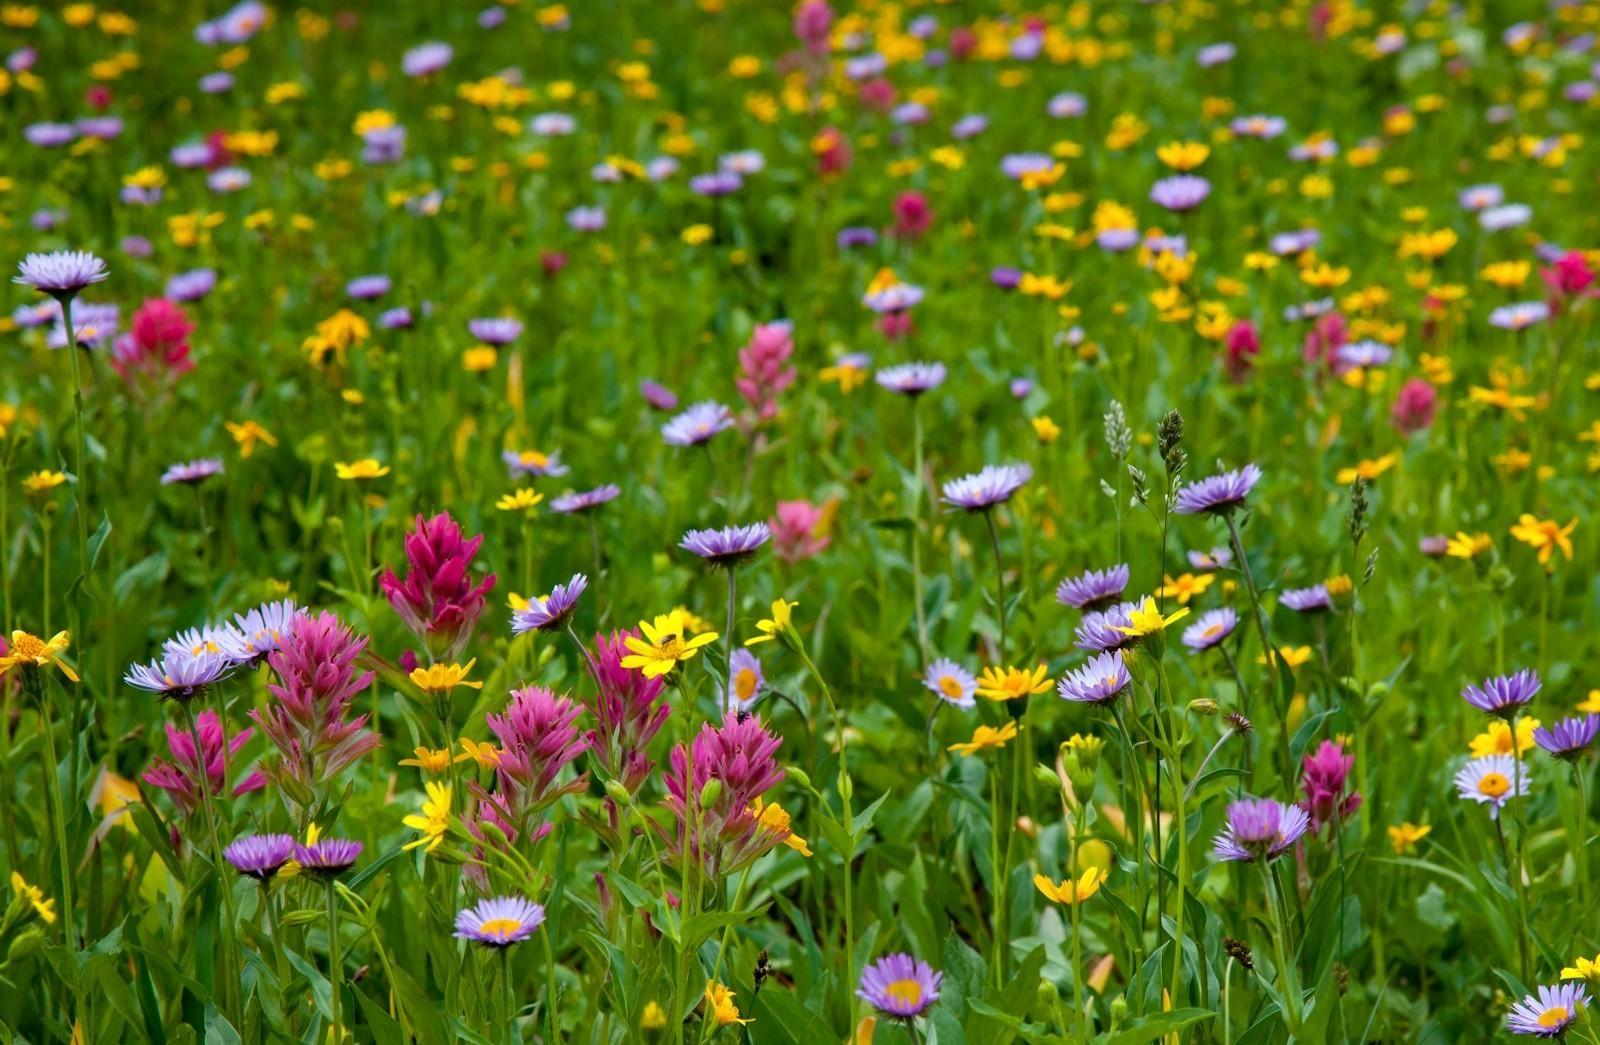 предлагаем только фото цветущих полей и лугов подписи видео